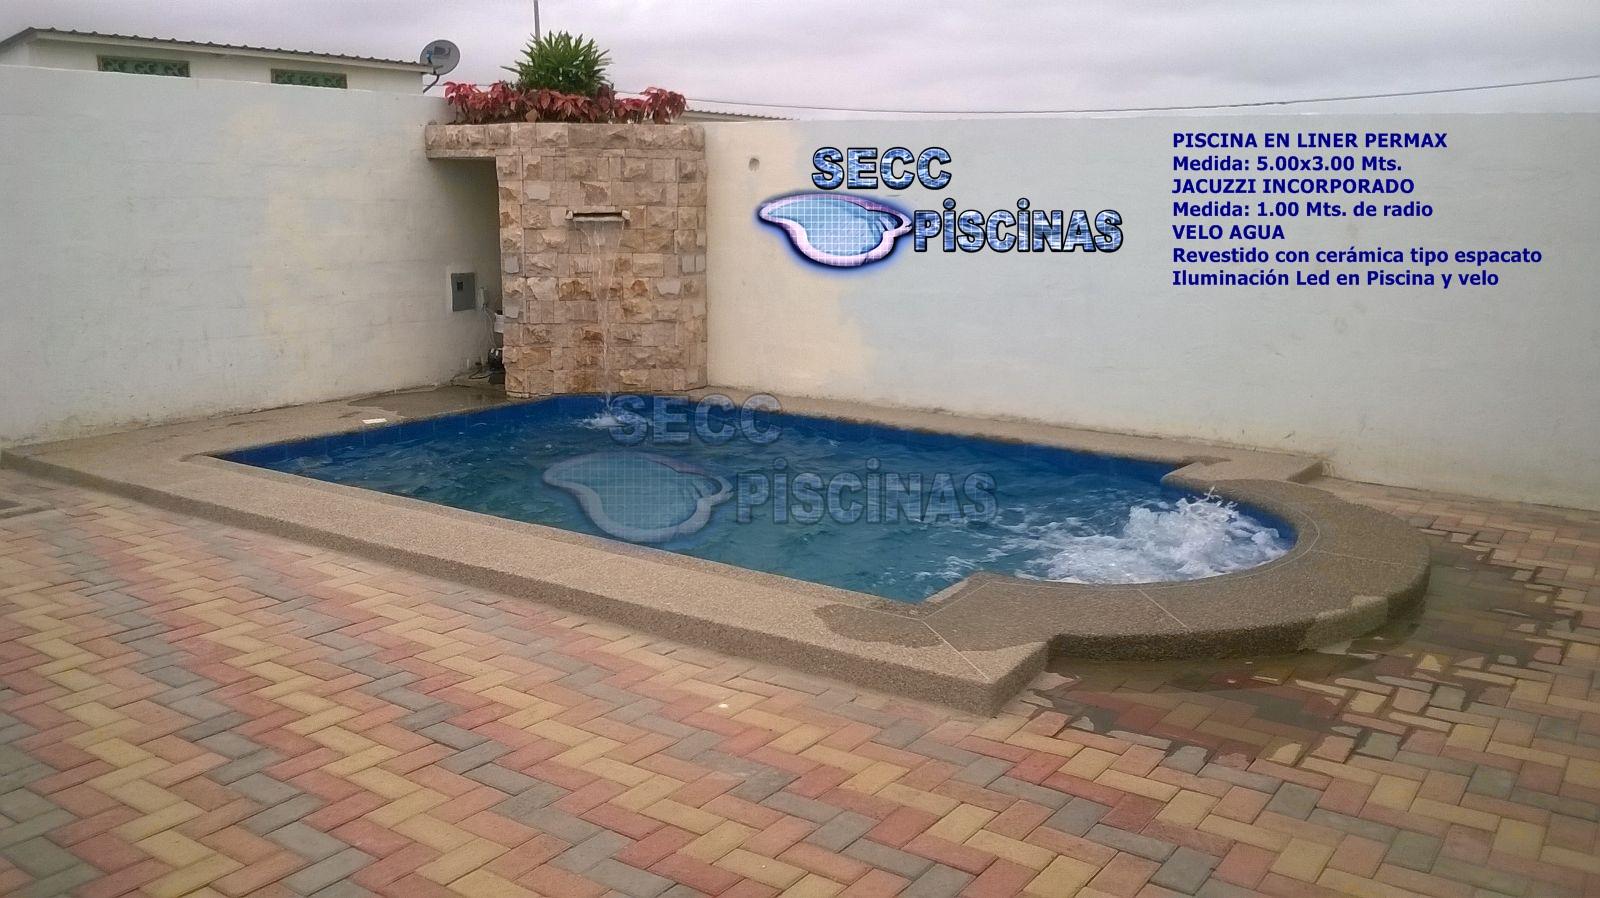 Secc piscinas piscinas con jacuzzi incorporado for Piscina 5 metros diametro